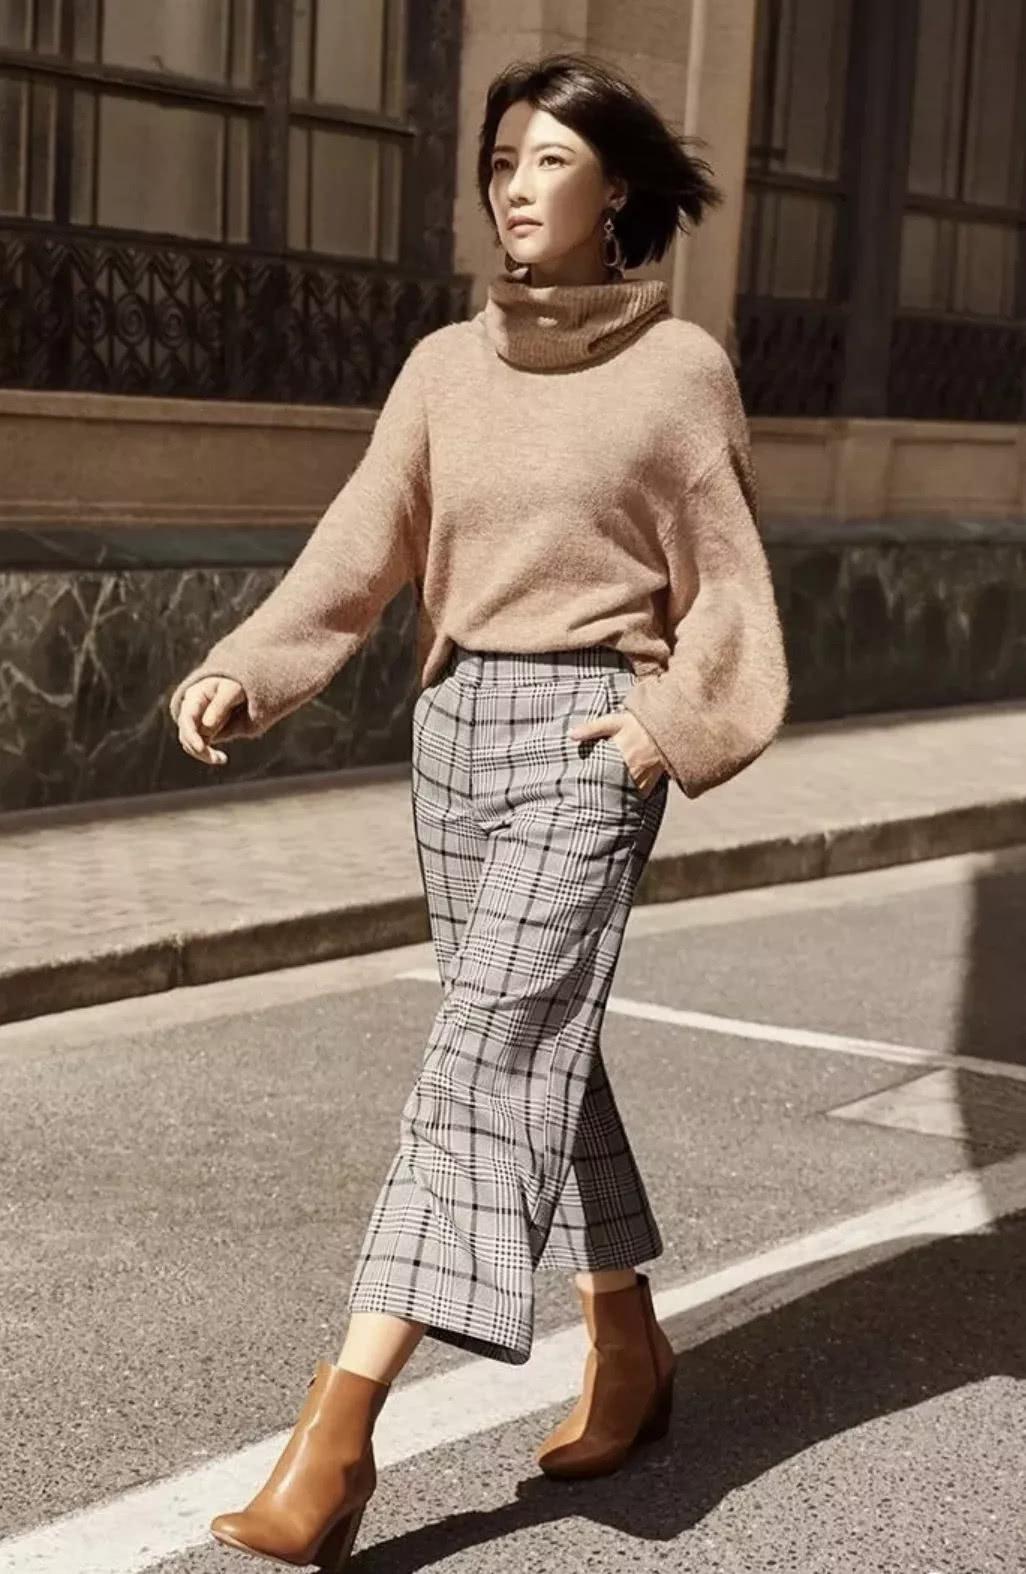 针织衫咋穿才时髦?倪妮搭牛仔裤显腿长,杨幂配阔腿裤秀丰满身材